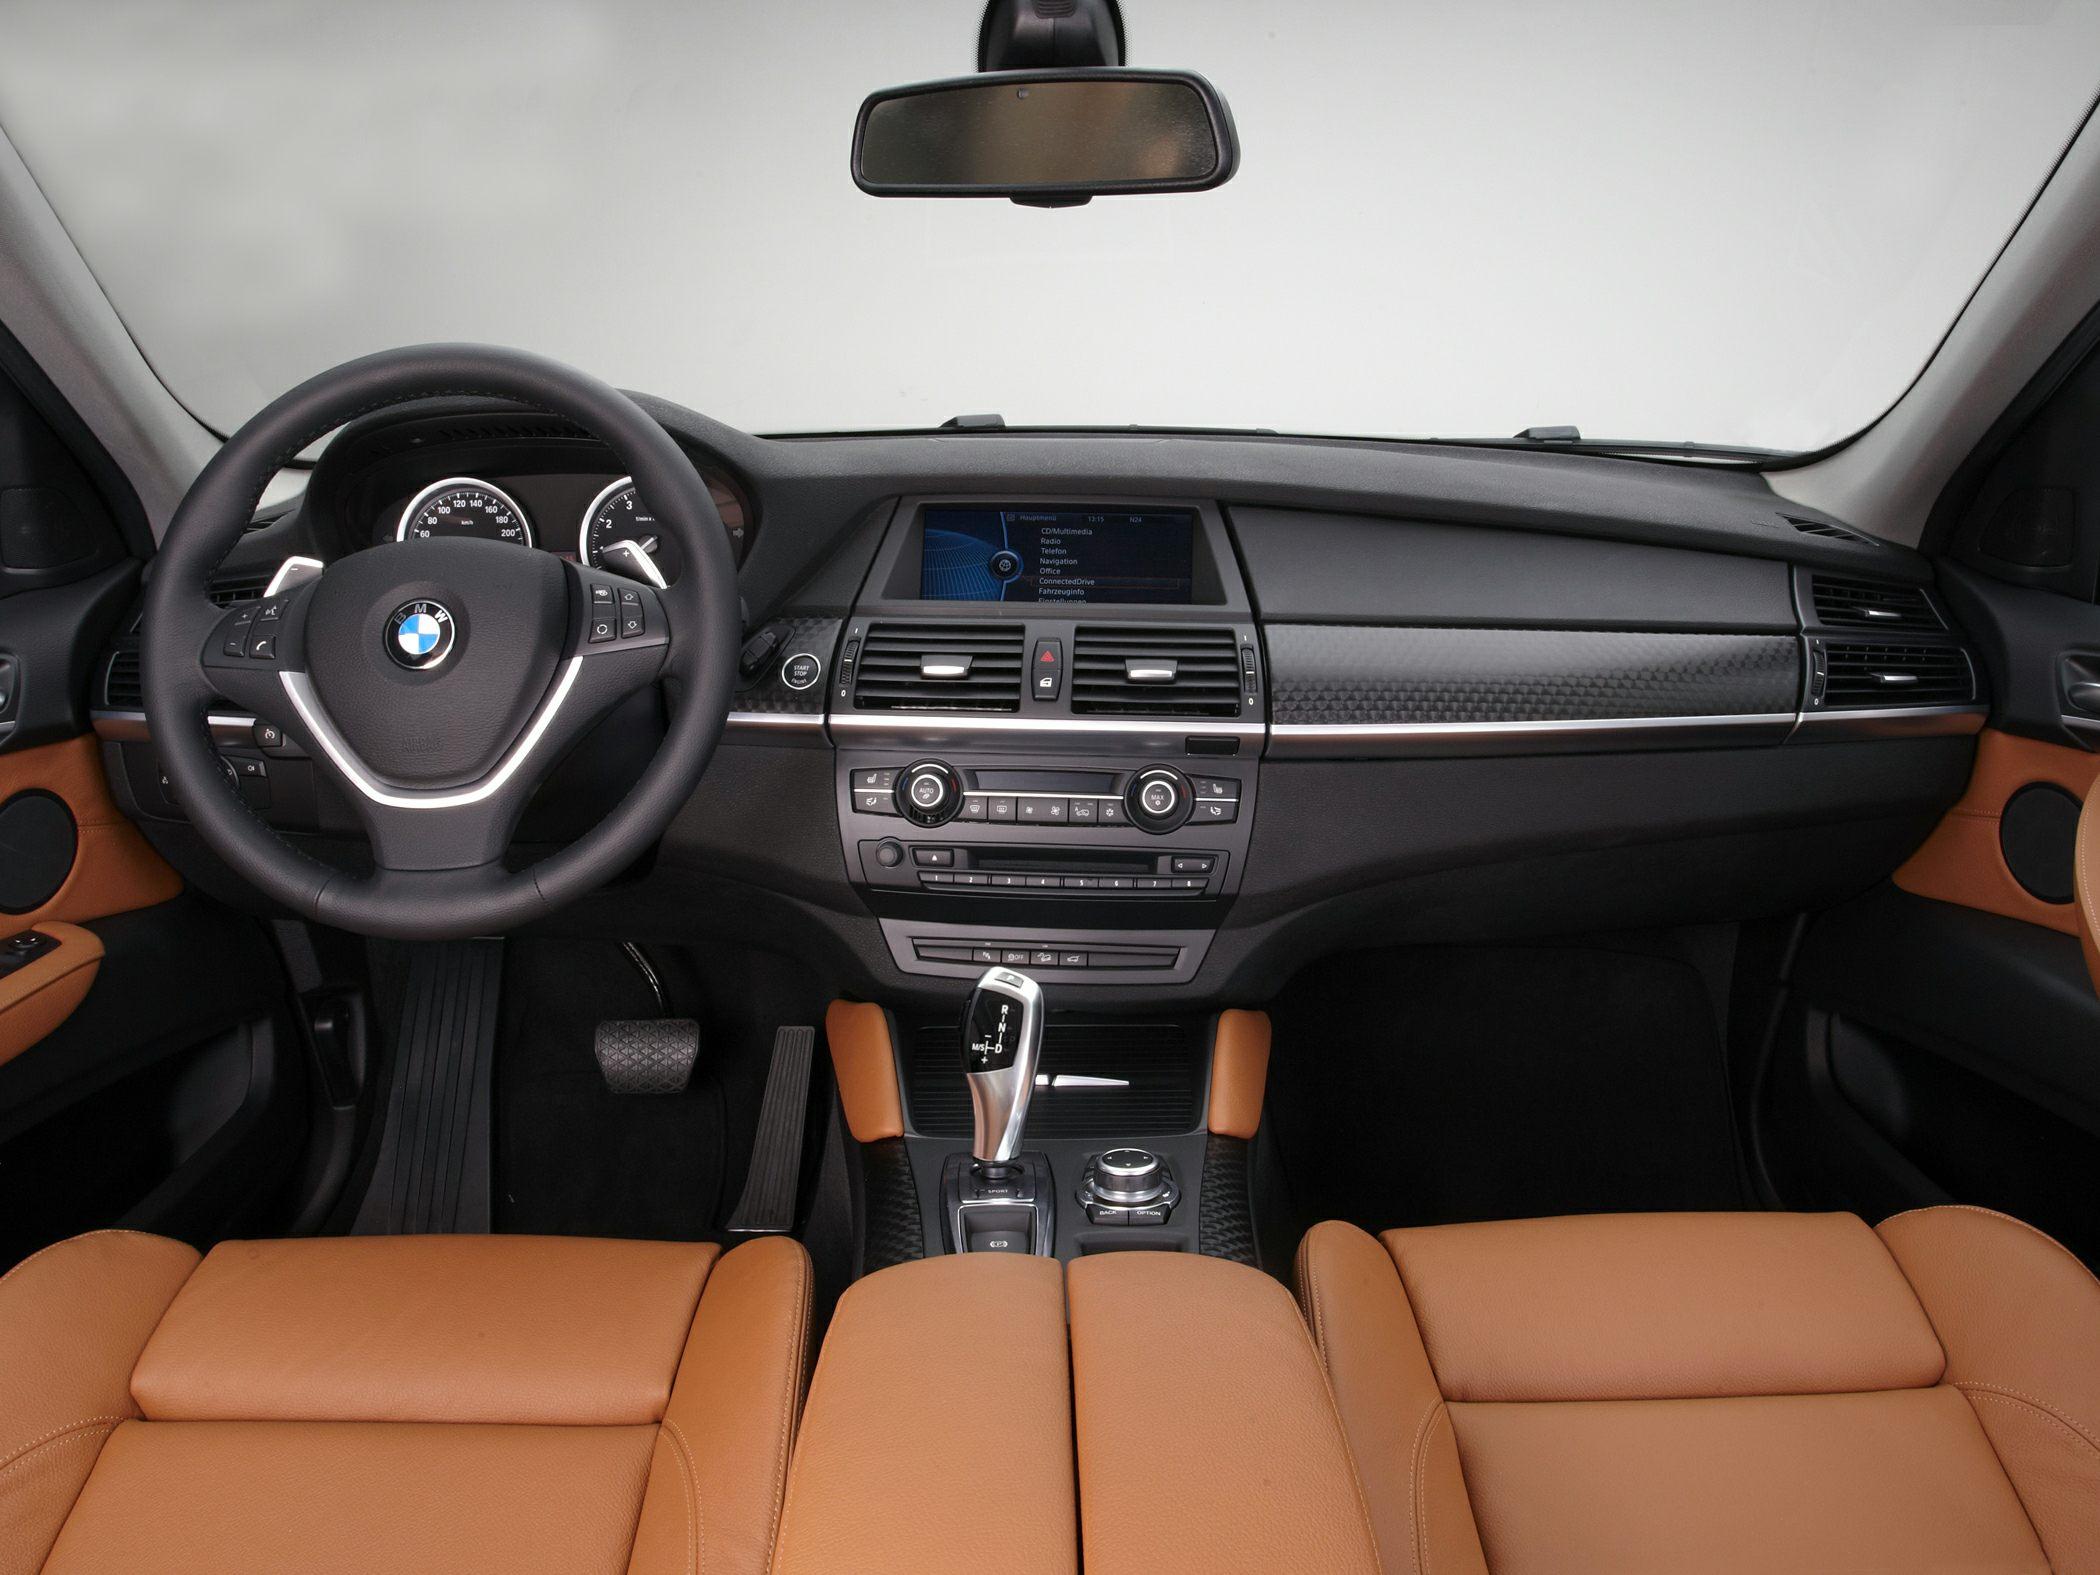 2014 BMW X6 Glam2